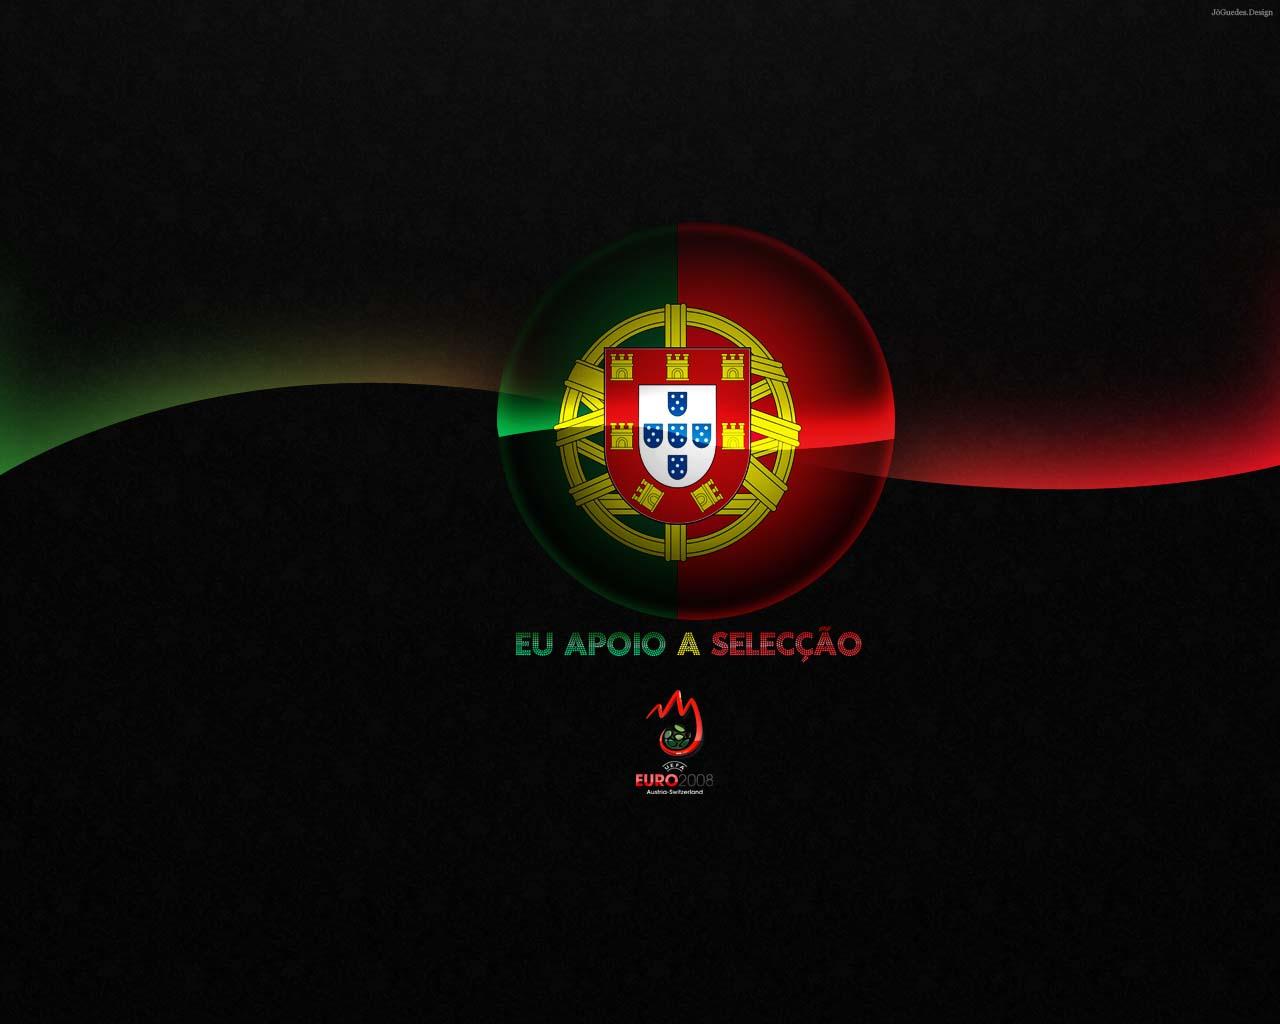 http://3.bp.blogspot.com/-zMXQZE7Wakw/UFsoW-cqtBI/AAAAAAAADA4/AAWch0oQwQ0/s1600/Portugal_2.jpg